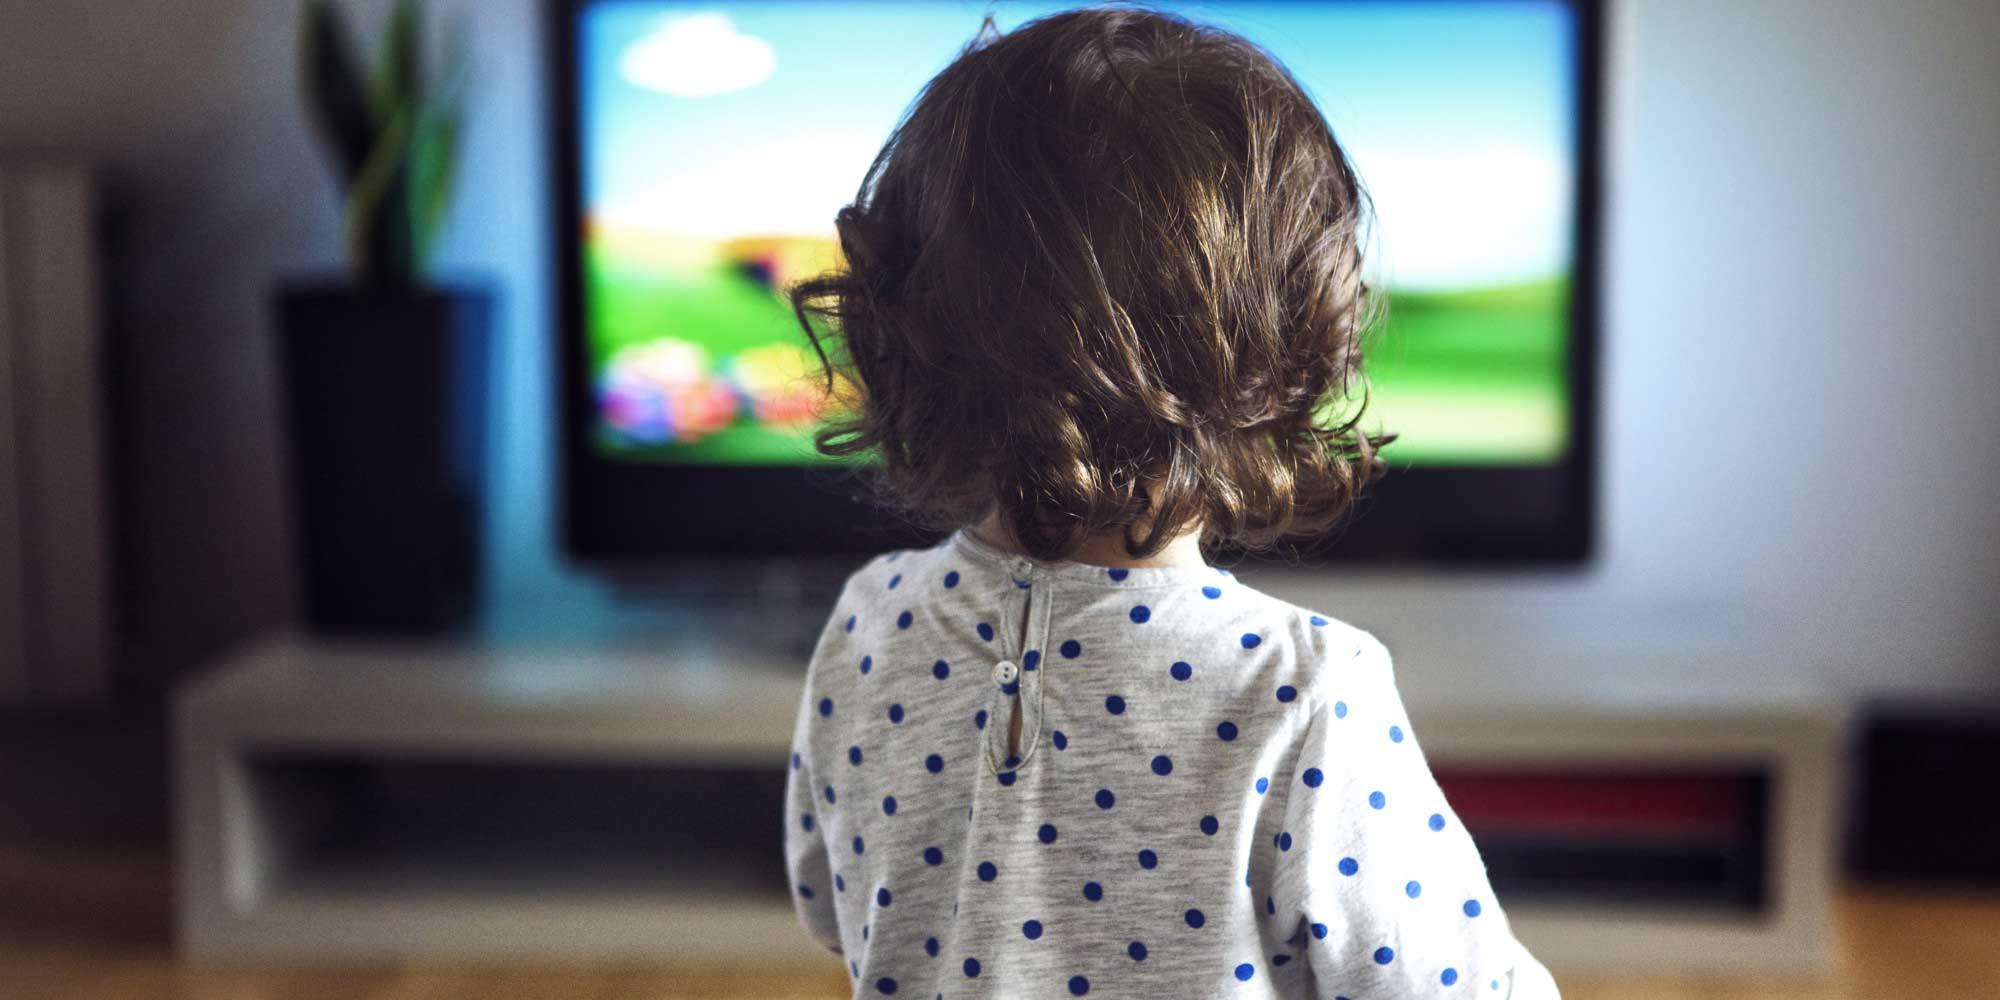 kids wath tv